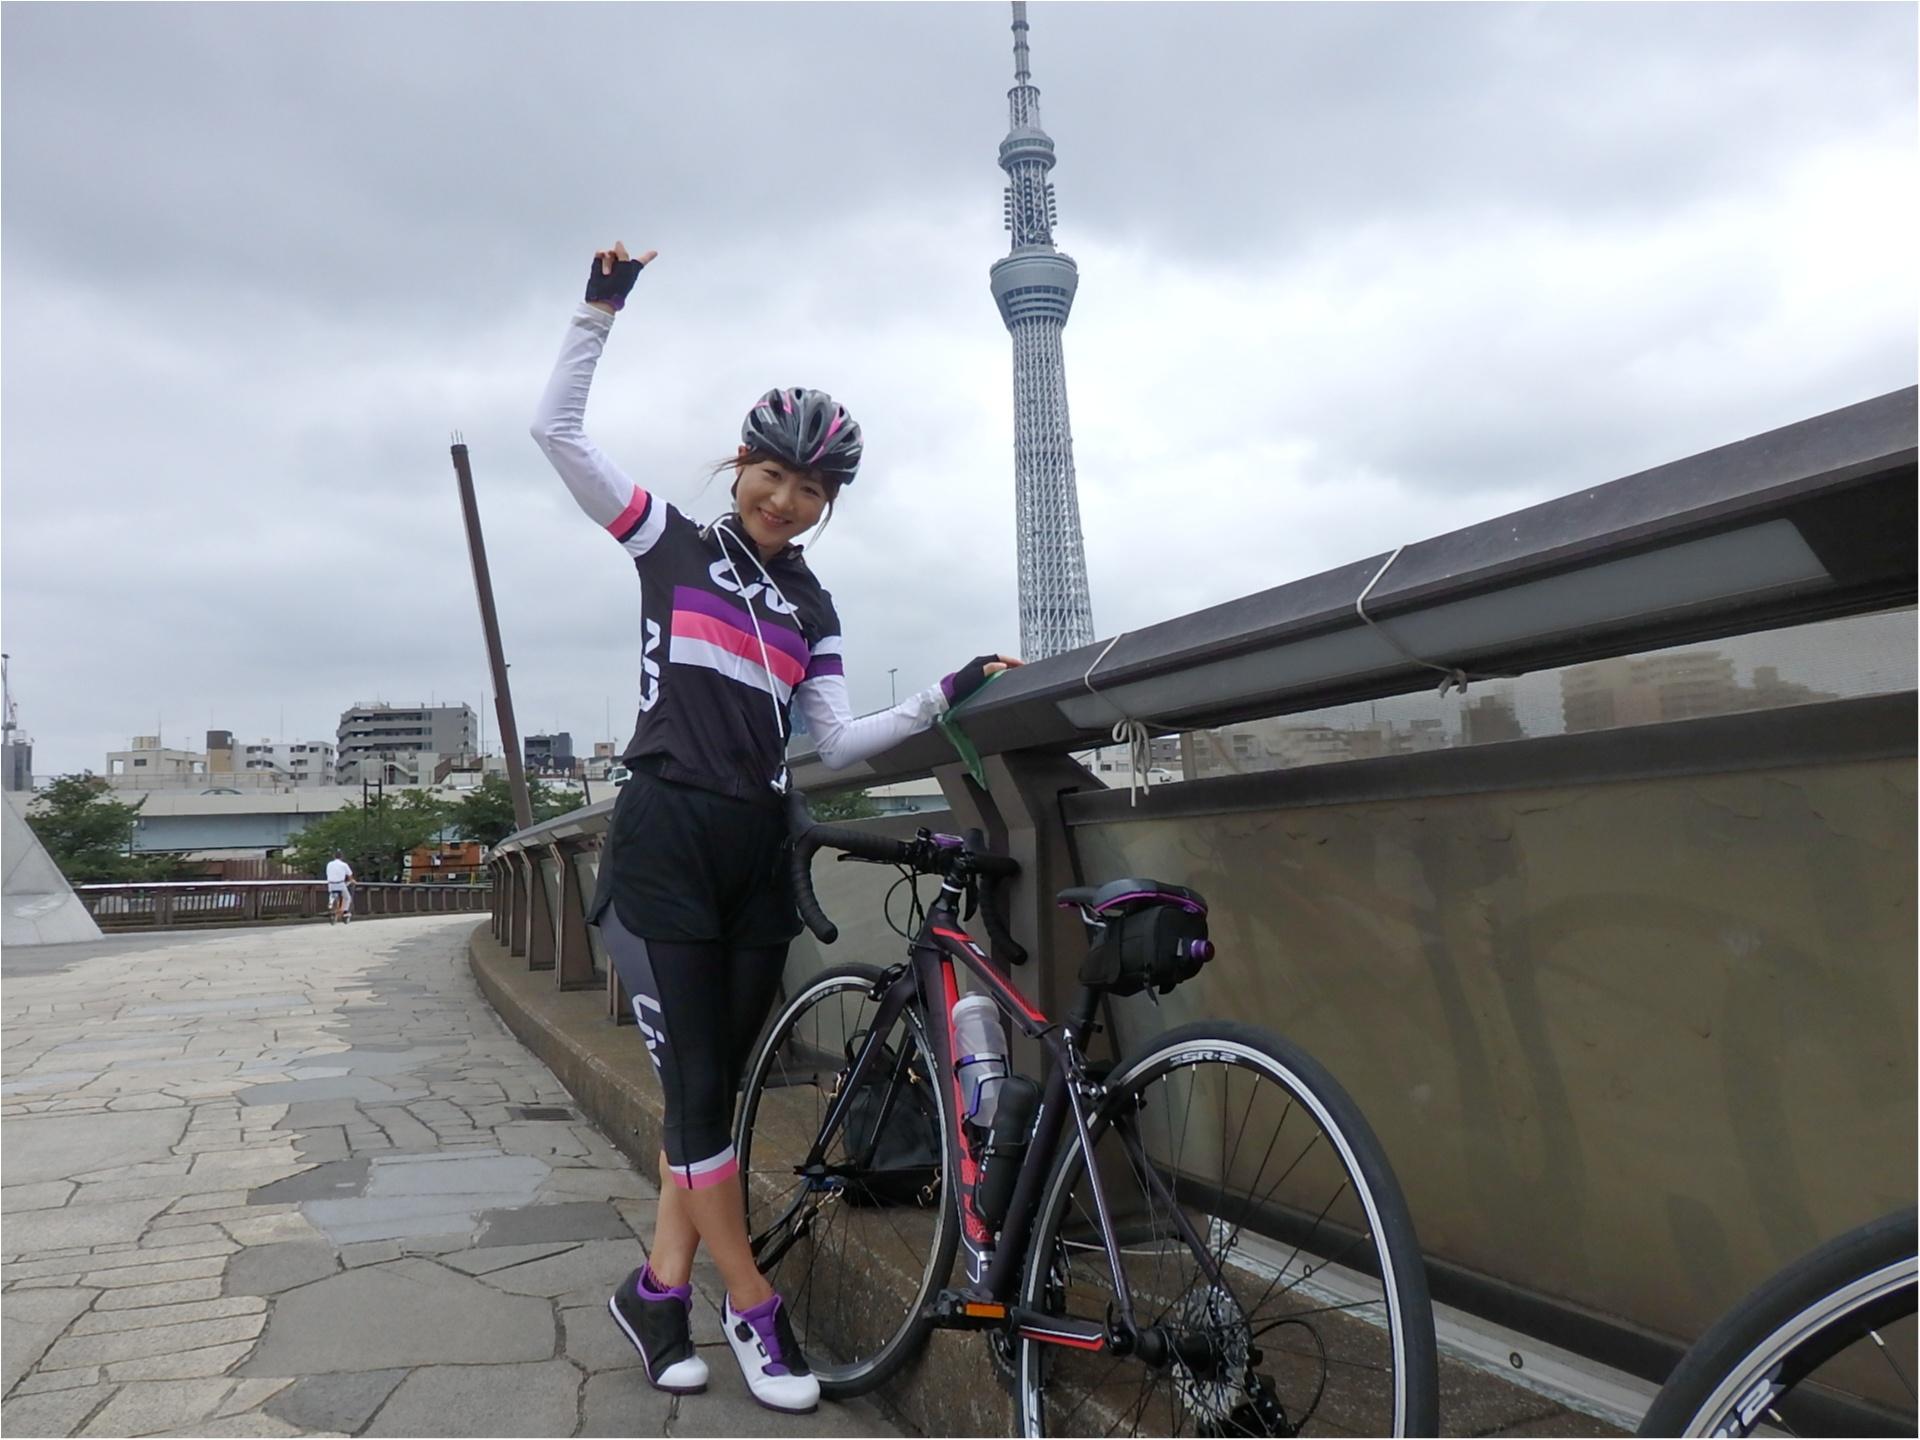 東京が小さく感じられる!ロードバイクならすいすい♪練習のお楽しみは築地で海鮮♥ #ツール・ド・東北【#モアチャレ あかね】_5